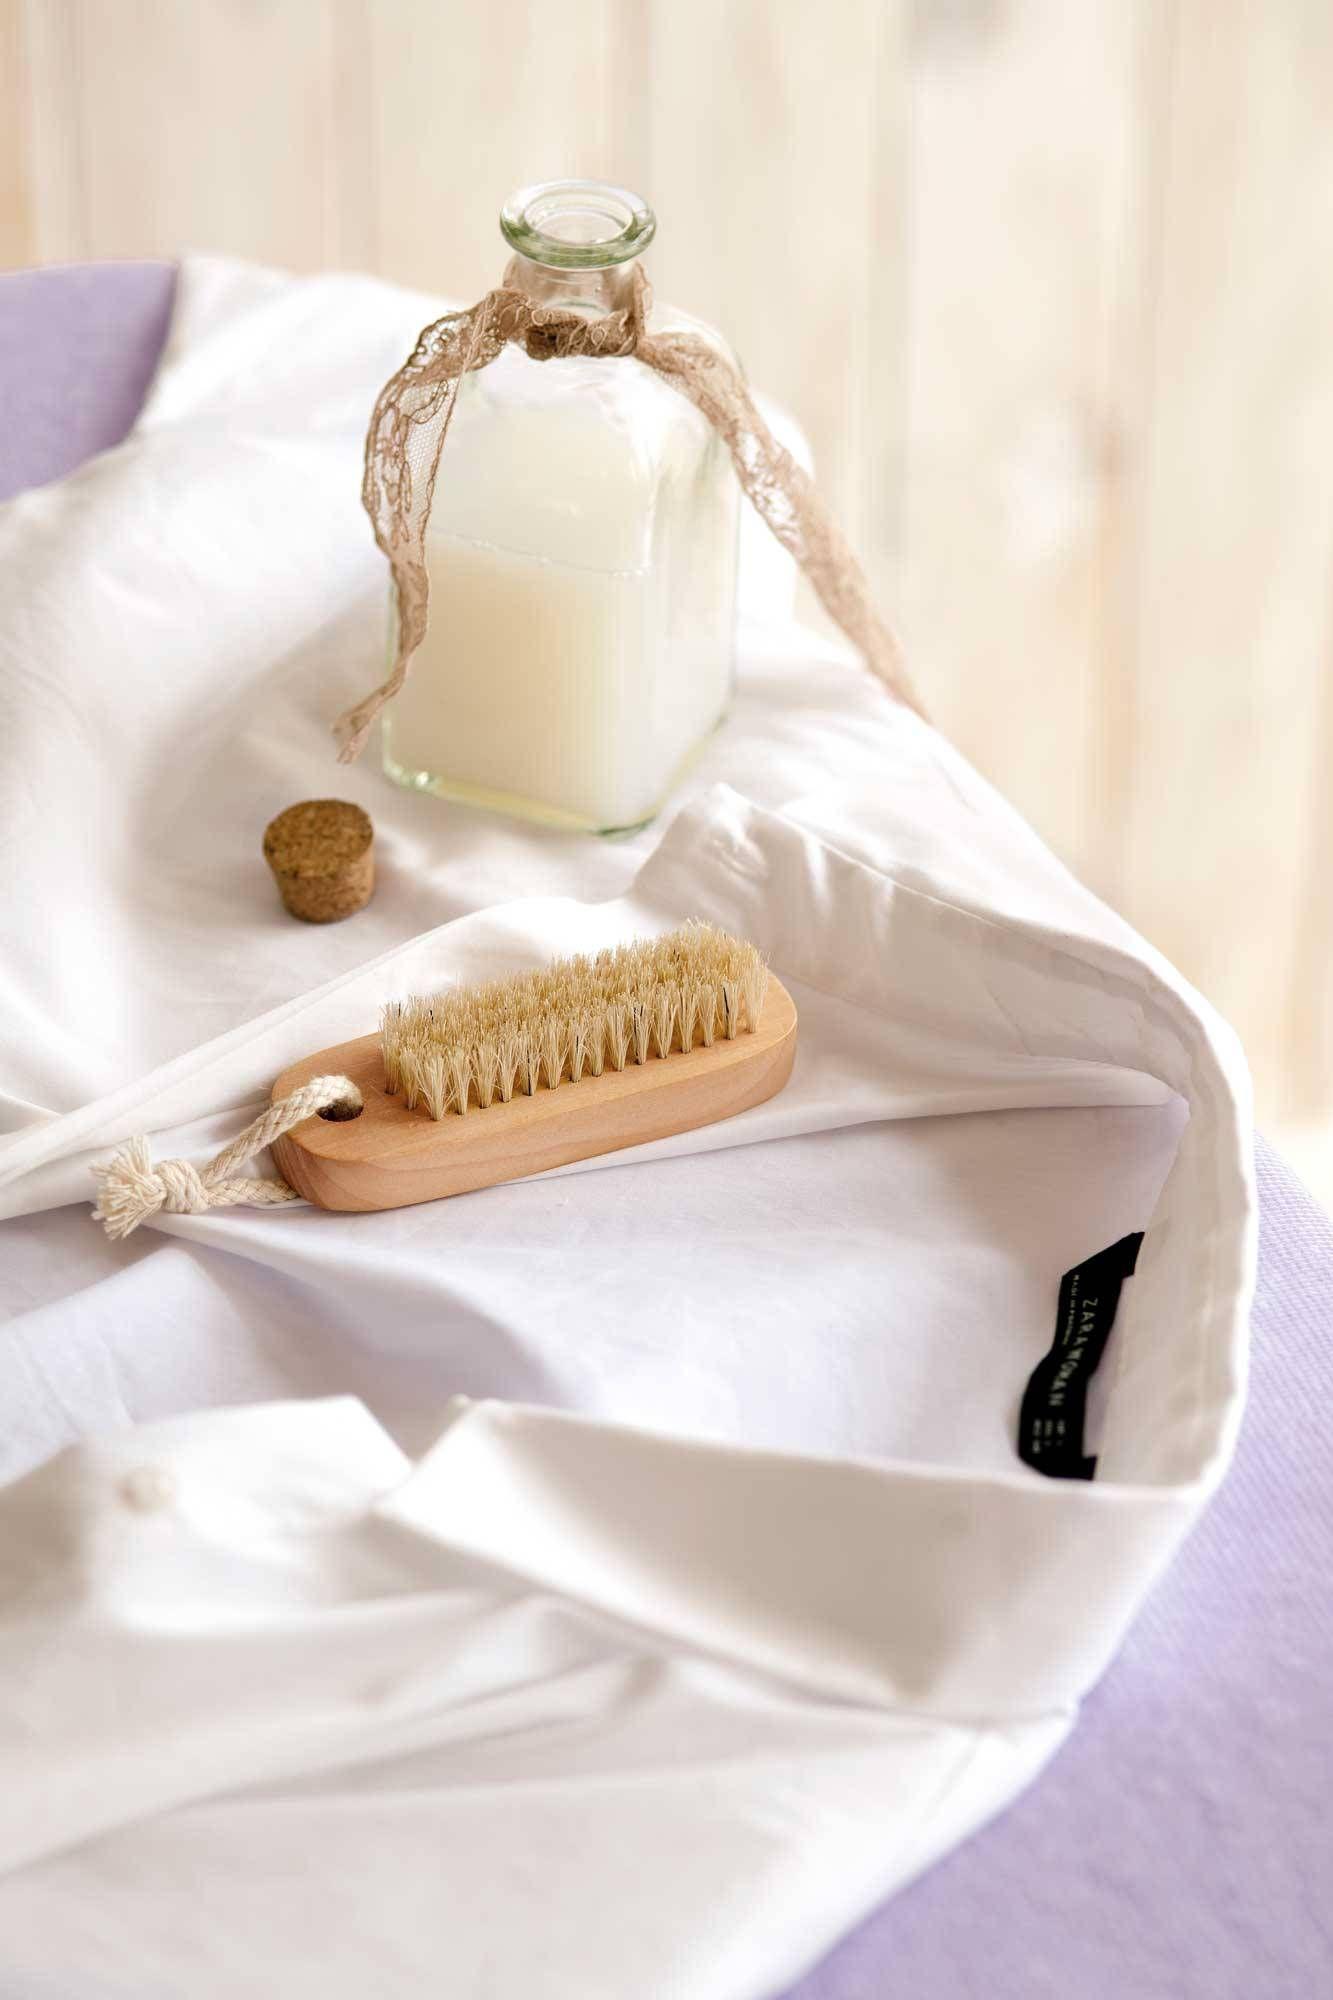 Cuellos Y Puños Impolutos Manchas De Sudor Como Lavar Ropa Blanca Quitar Manchas De Sudor